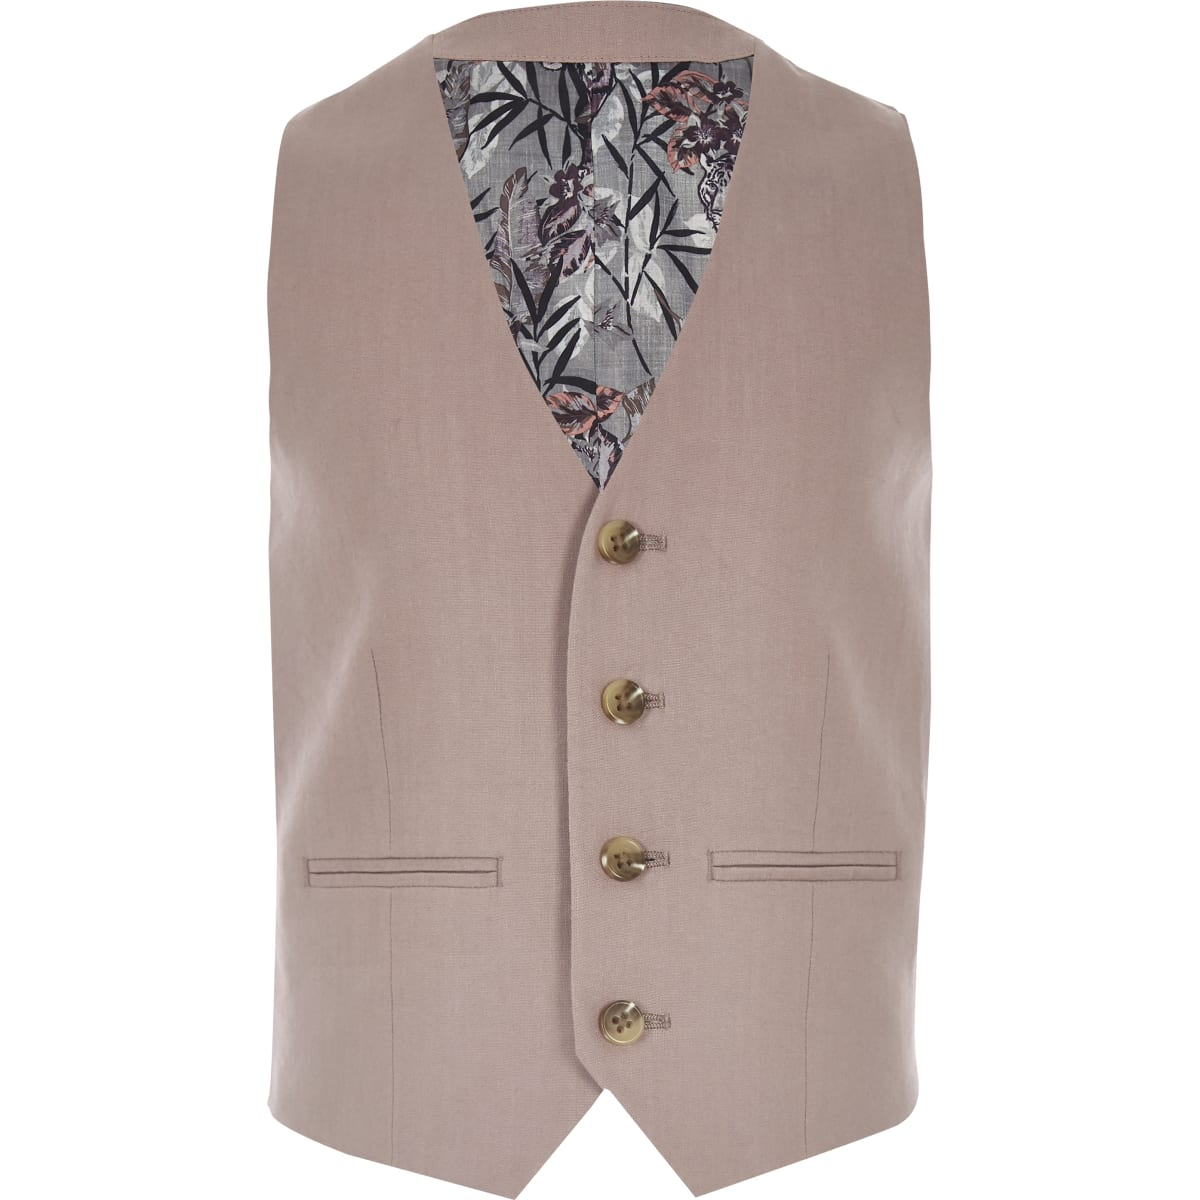 Boys pink linen suit vest